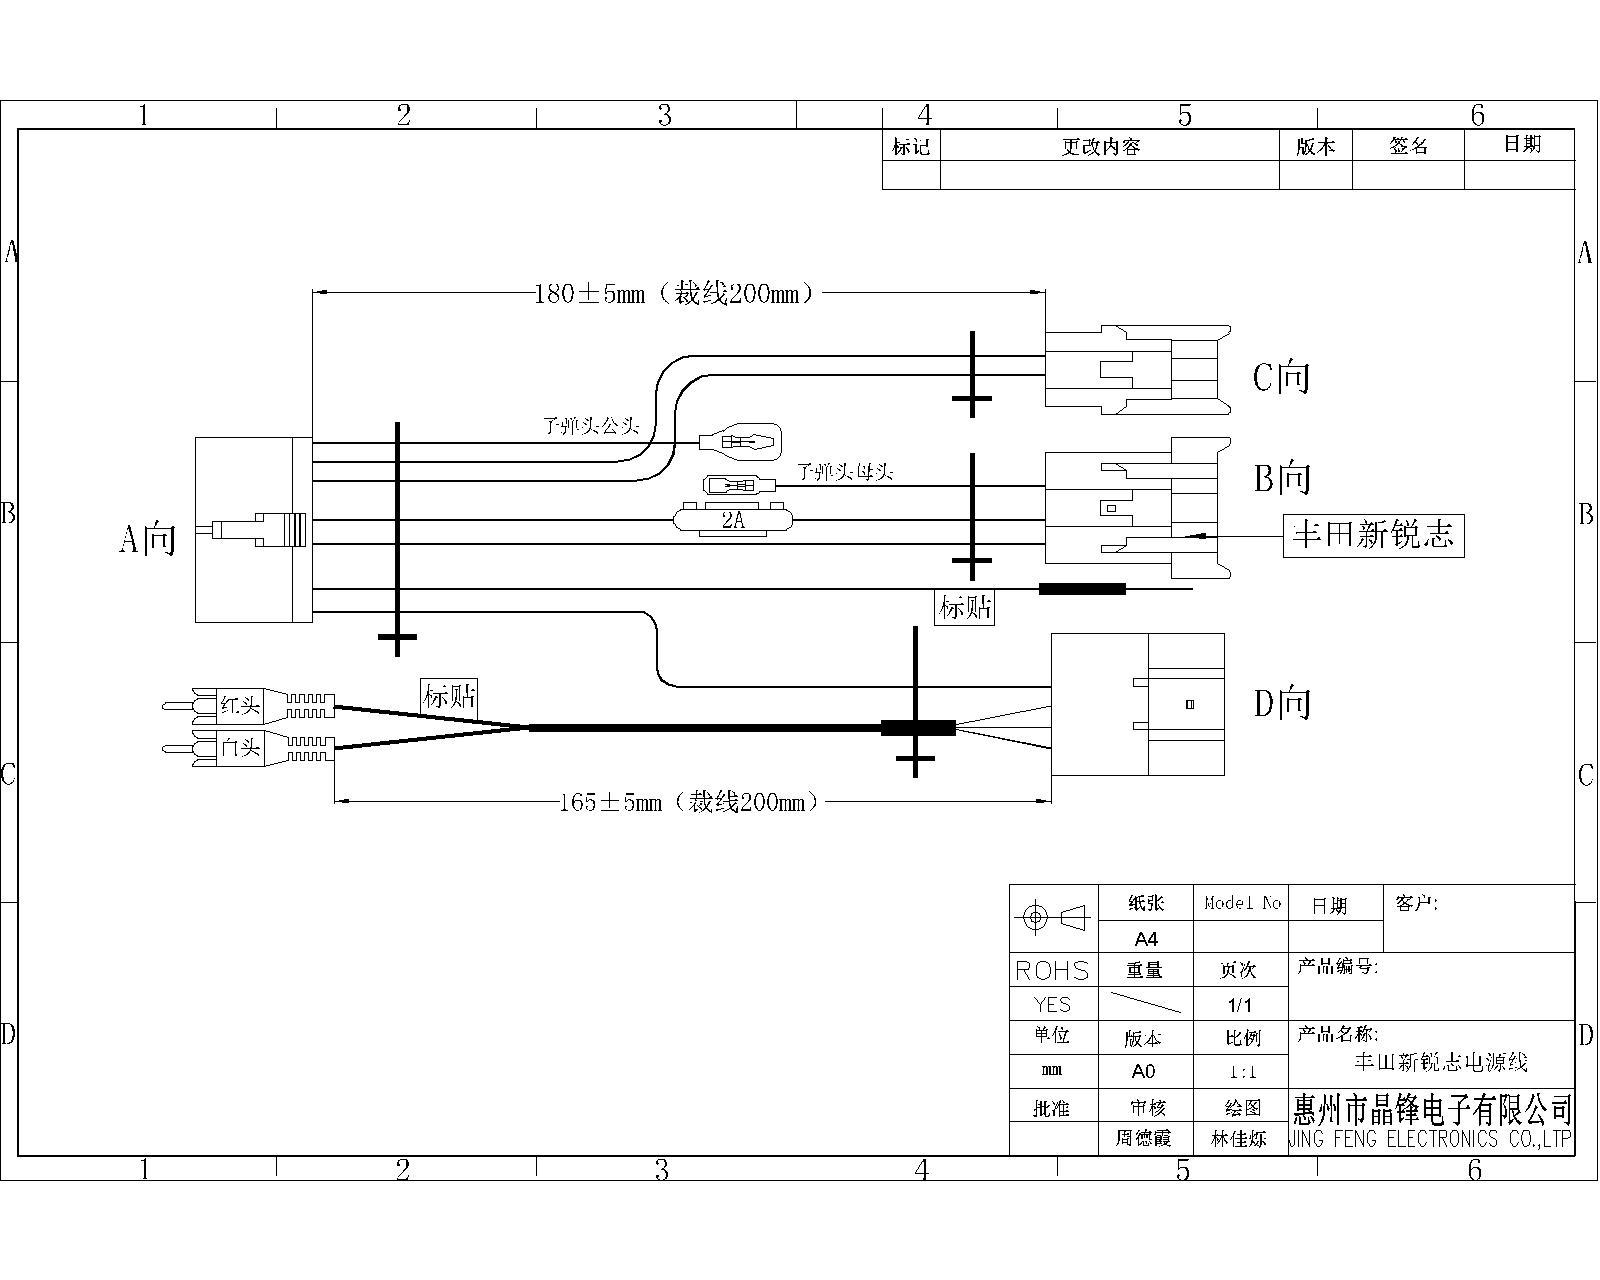 丰田新锐志电源线Model.jpg